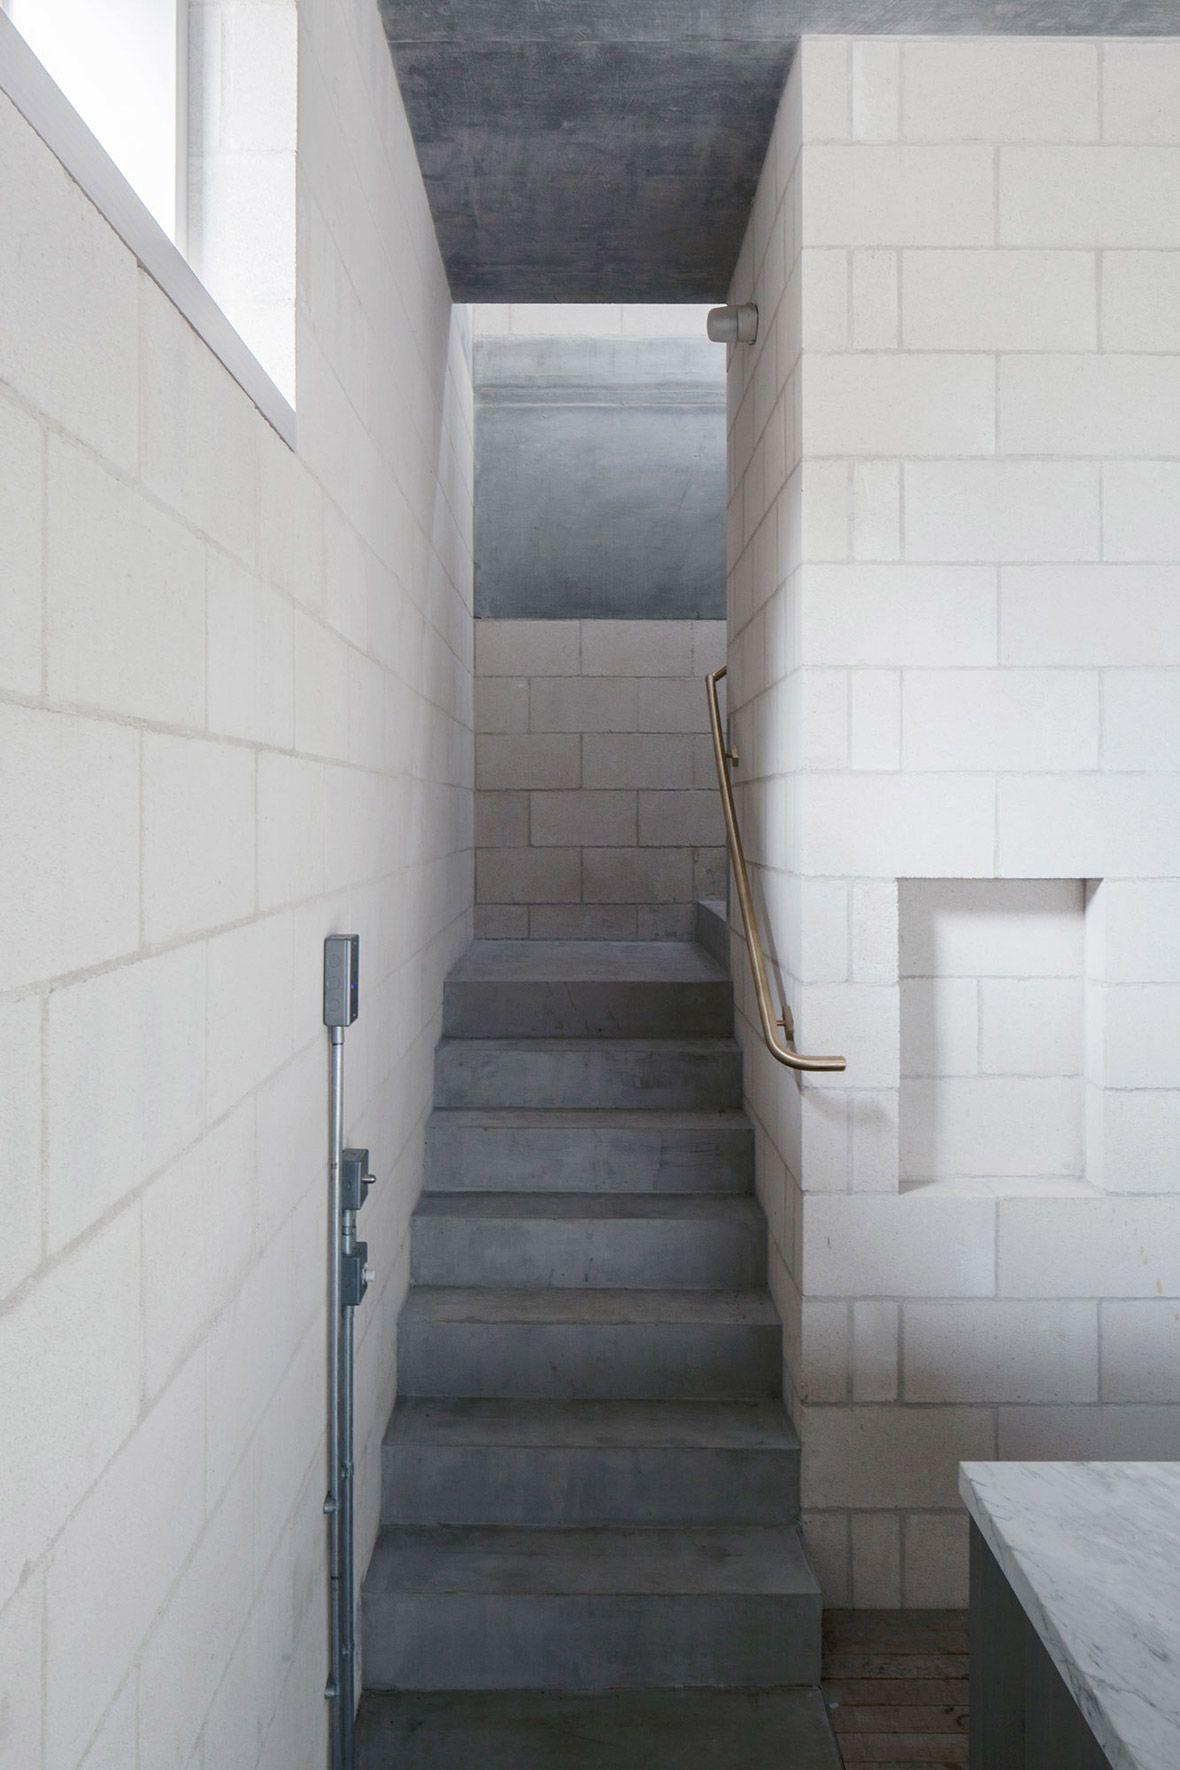 Juergen-Teller-Studio-6a-architects-11